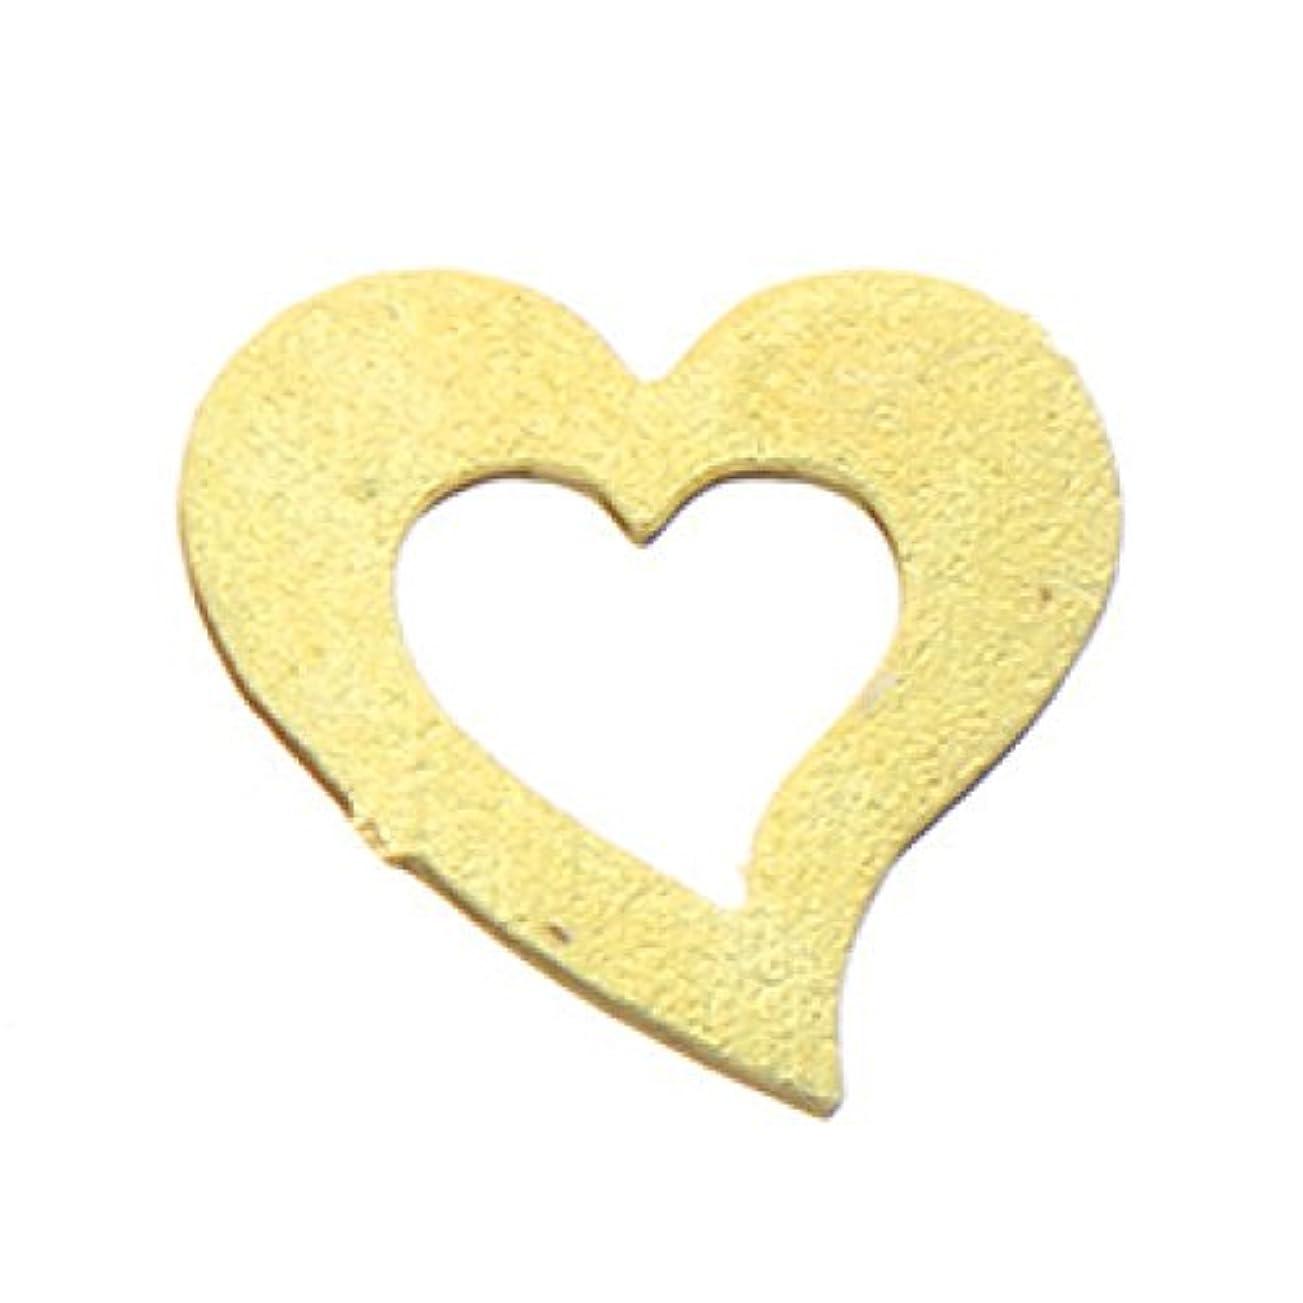 ブルーム承認過言メタルプレート(ネイルストーン デコ)ハート (30個入り) ゴールド(ネイル用品)